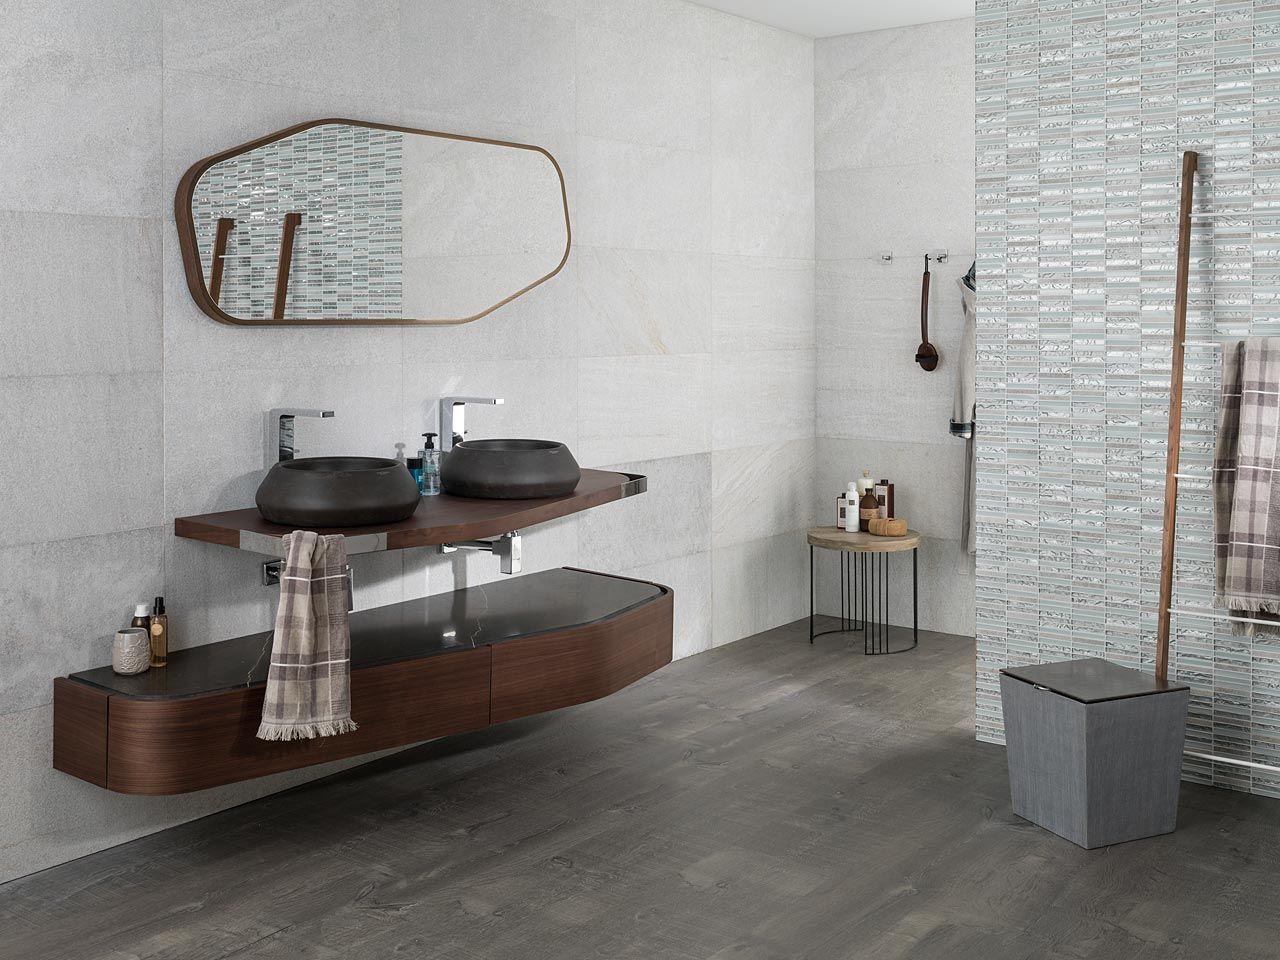 mobiliario de baño. gamdecor, ofrece una amplia gama de